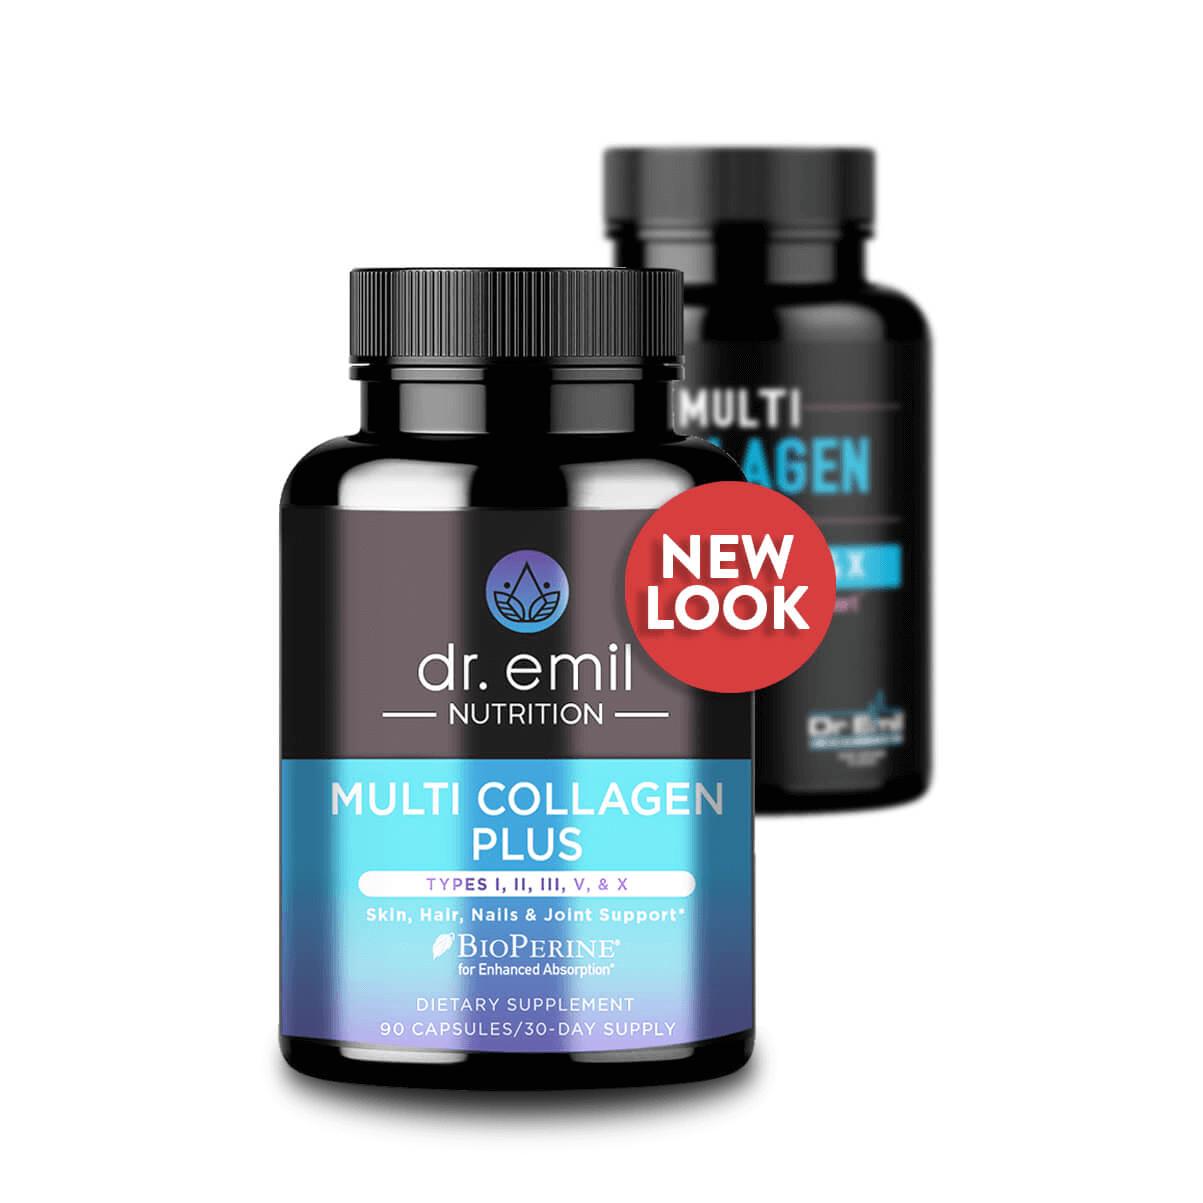 Dr. Emil Nutrition's Multi Collagen Plus